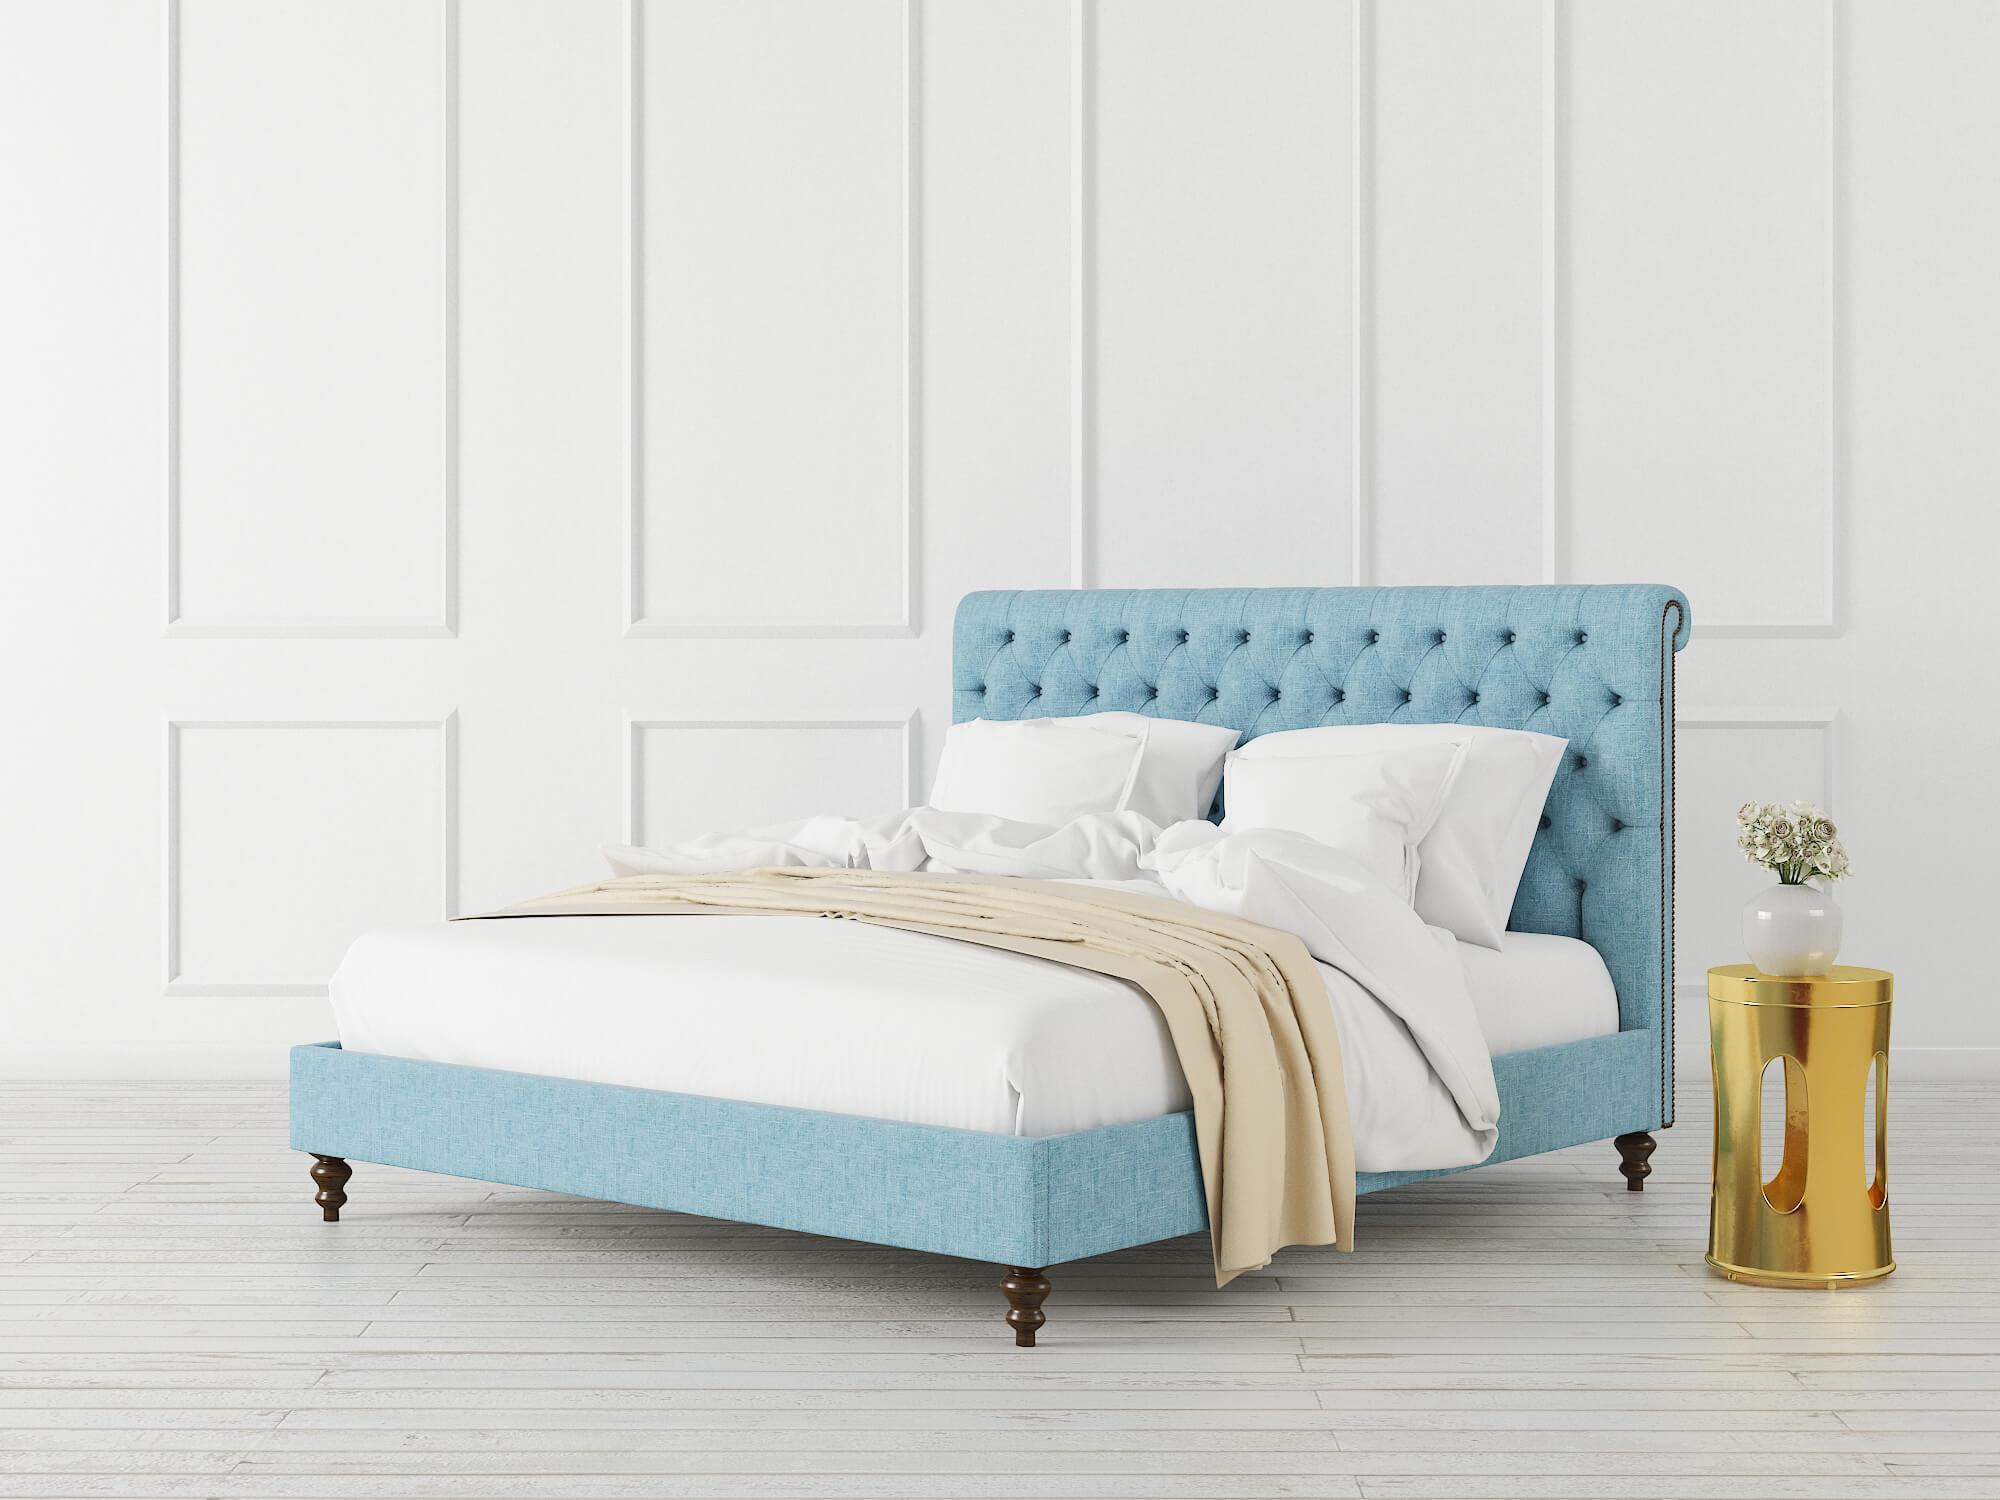 Decima Bed King Room Background